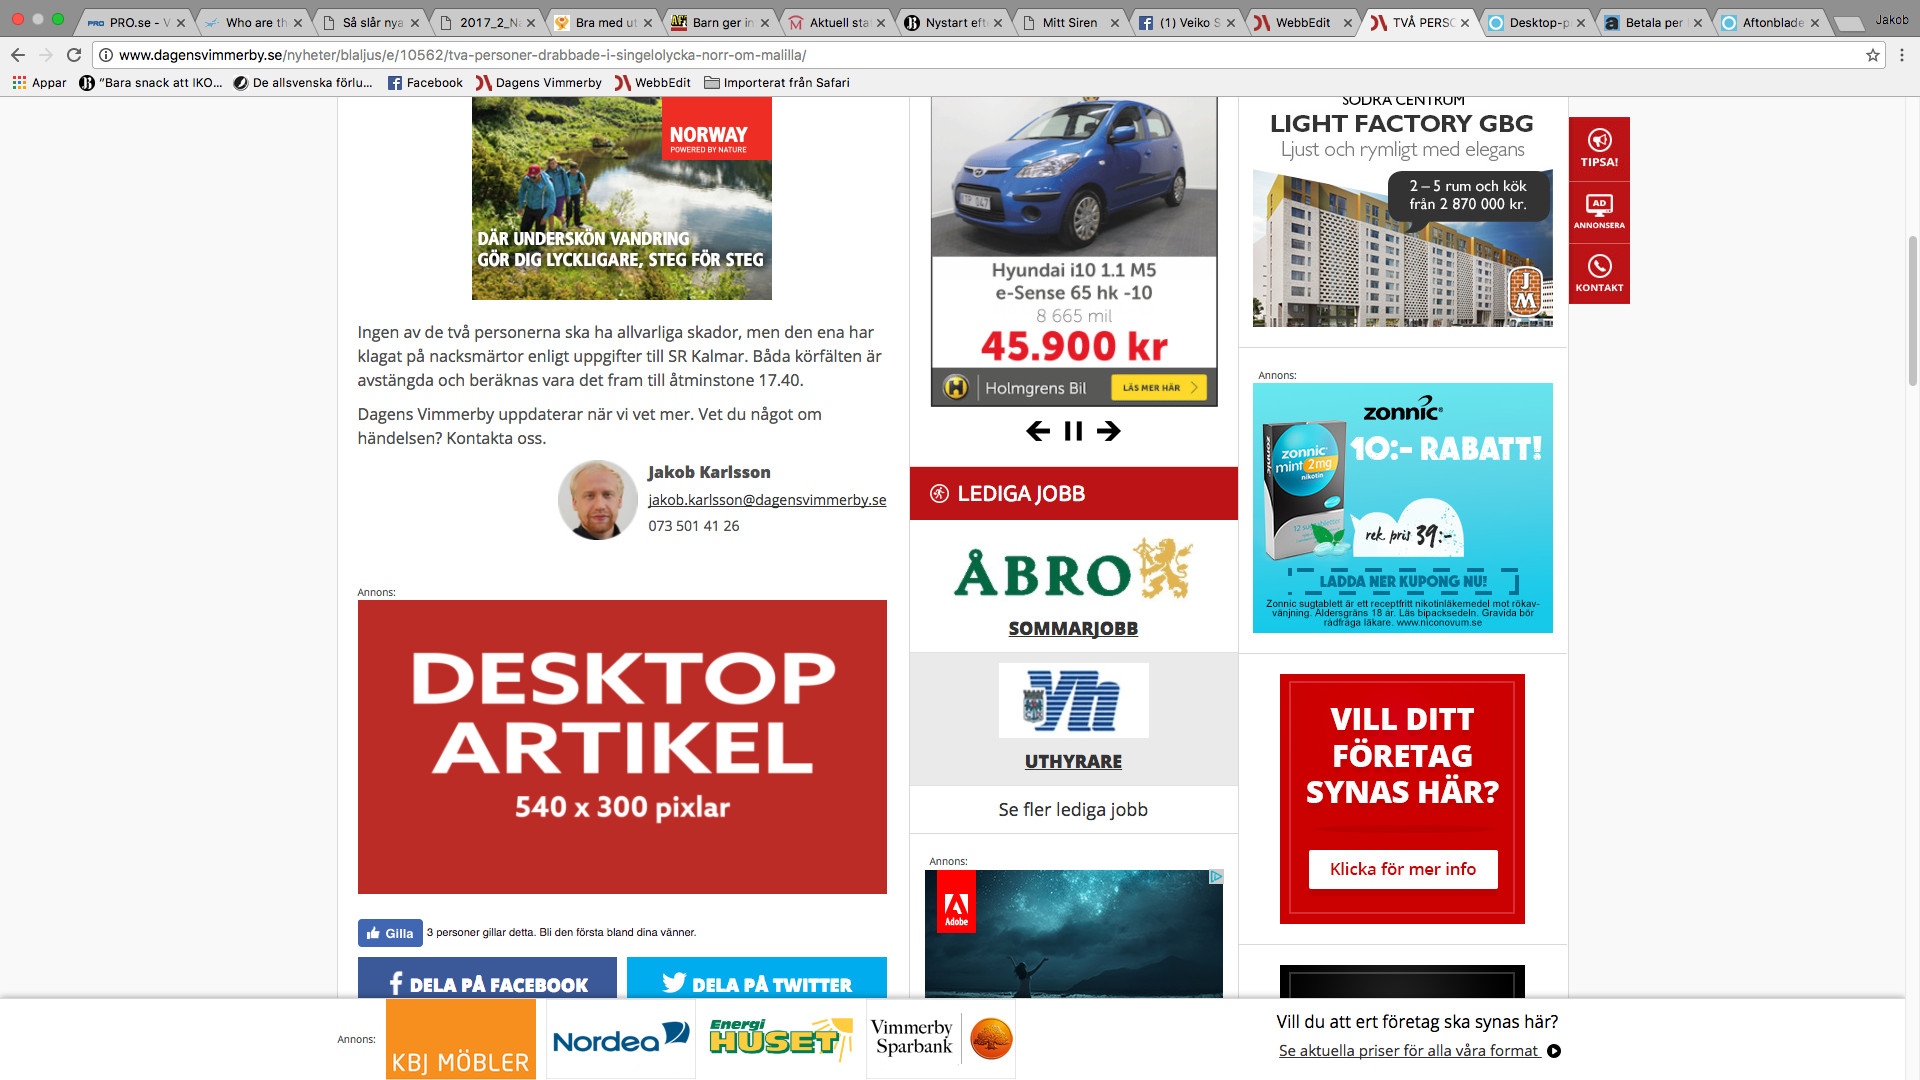 Desktop Artikel